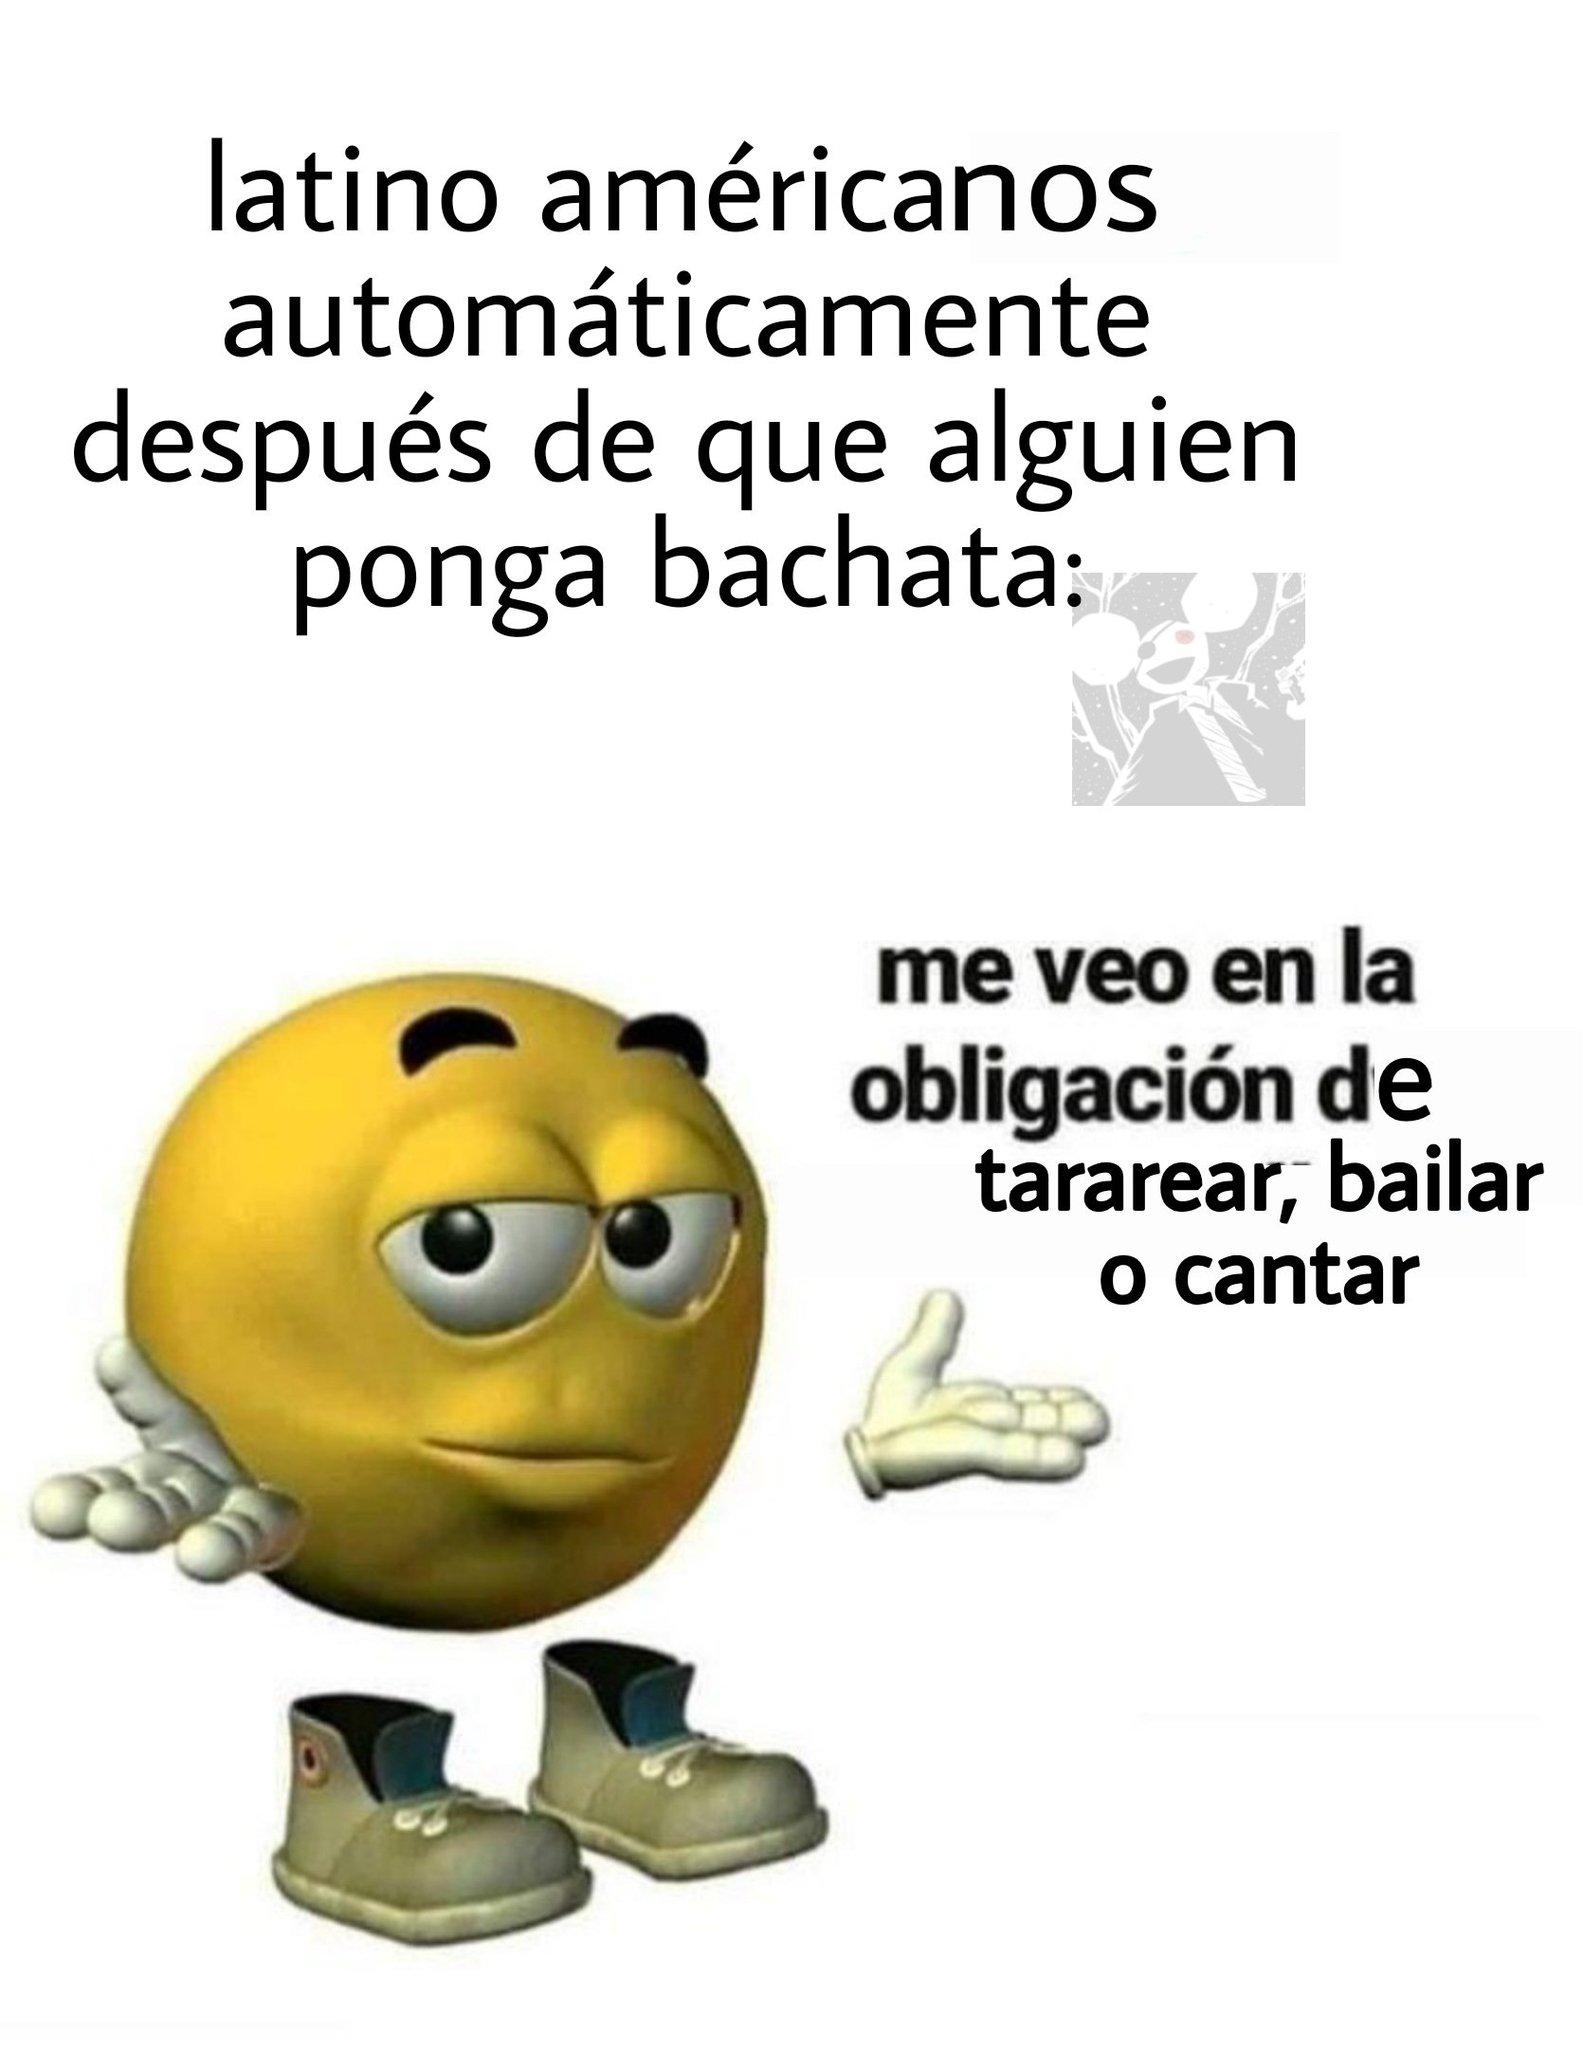 Kongfirmo - meme